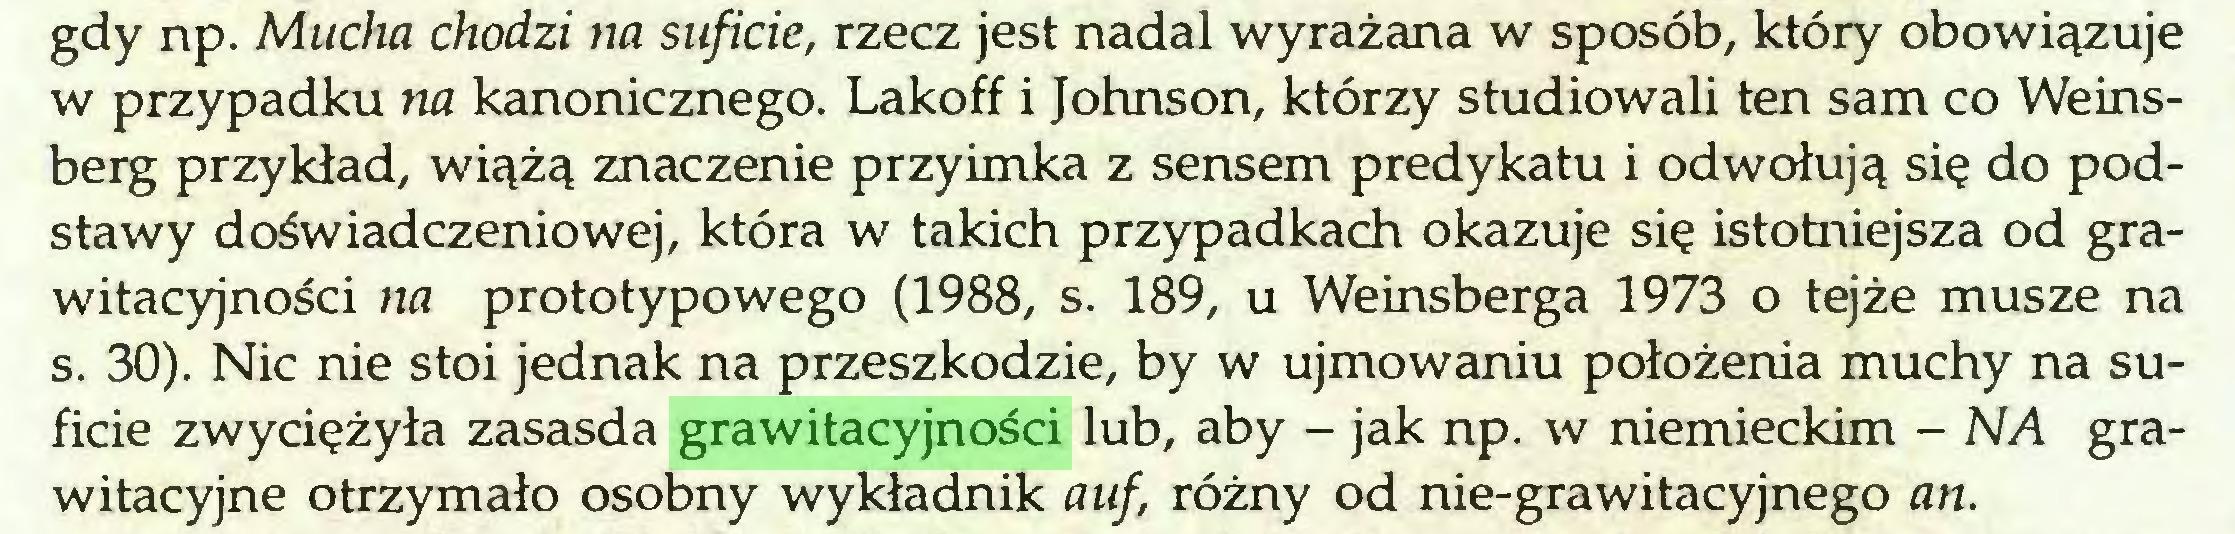 (...) gdy np. Mucha chodzi na suficie, rzecz jest nadal wyrażana w sposób, który obowiązuje w przypadku na kanonicznego. Lakoff i Johnson, którzy studiowali ten sam co Weinsberg przykład, wiążą znaczenie przyimka z sensem predykatu i odwołują się do podstawy doświadczeniowej, która w takich przypadkach okazuje się istotniejsza od grawitacyjności na prototypowego (1988, s. 189, u Weinsberga 1973 o tejże musze na s. 30). Nic nie stoi jednak na przeszkodzie, by w ujmowaniu położenia muchy na suficie zwyciężyła zasasda grawitacyjności lub, aby - jak np. w niemieckim - NA grawitacyjne otrzymało osobny wykładnik auf, różny od nie-grawitacyjnego an...